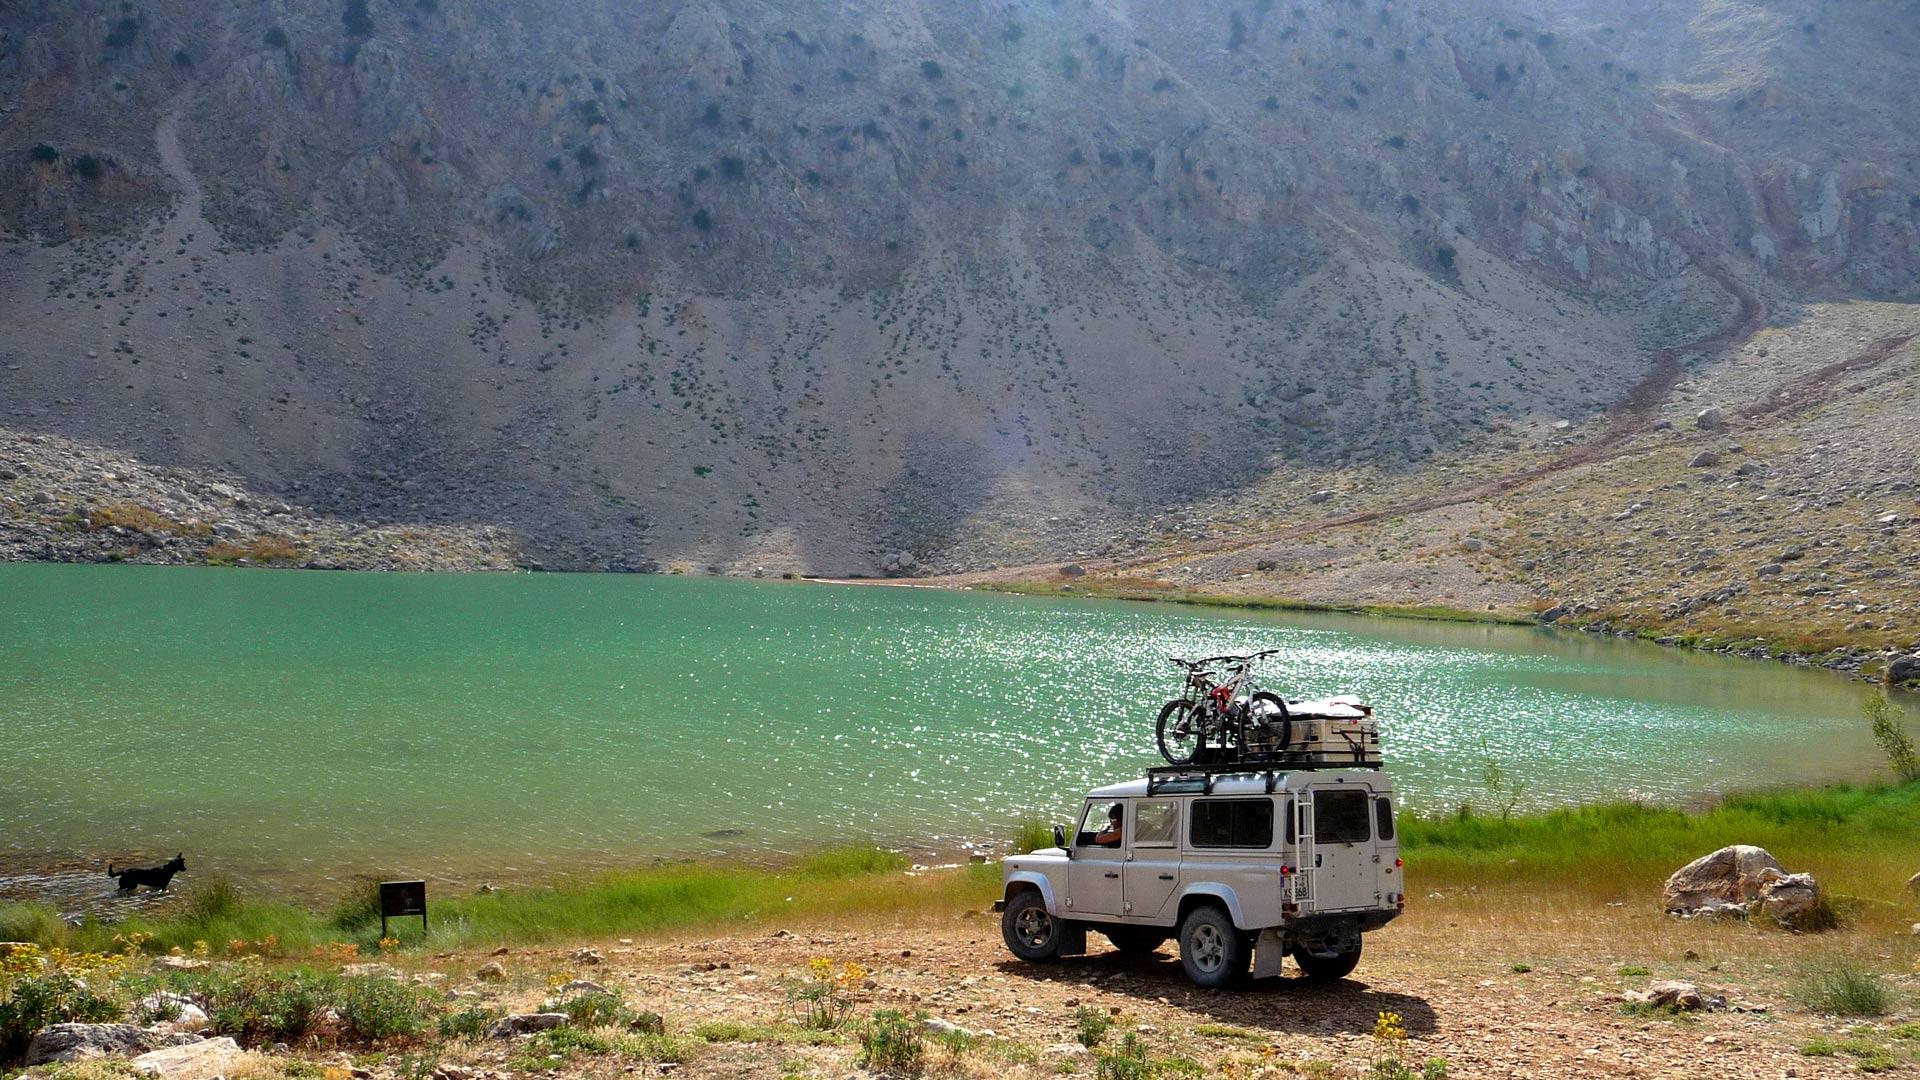 LYKISCHER TAURUS, AKDAGLAR, Gömbe, Kemer bei Fethiye: Nomaden Tour im lykischen Hochgebirge